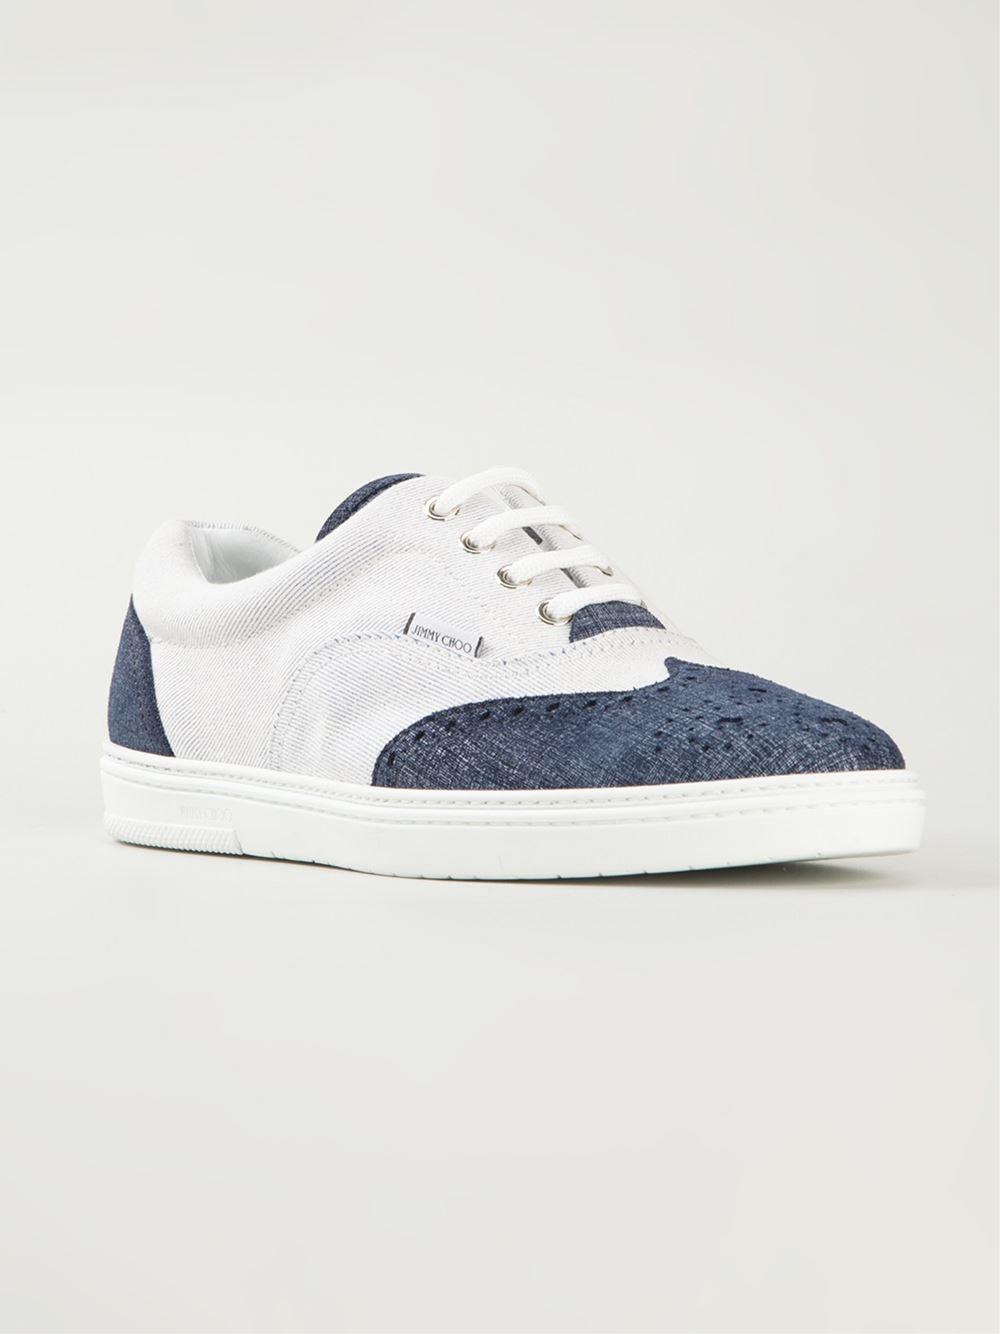 Choo Chaussures De Sport Jimmy 'brian' - Blanc quAXEouy2d